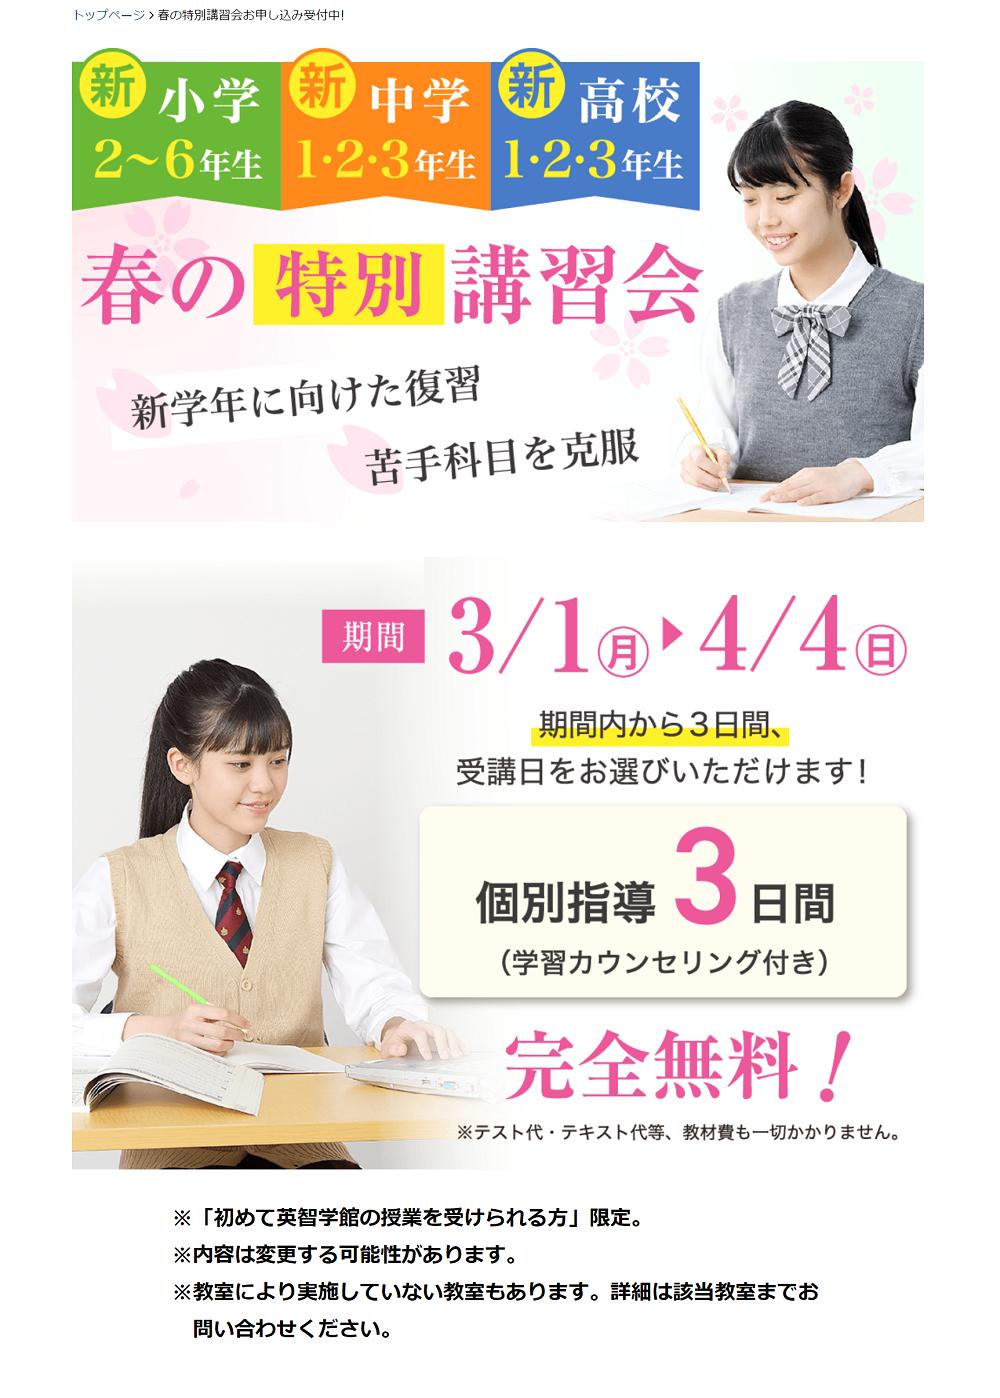 【英智学館】春の特別講習会 お申込み受付中!